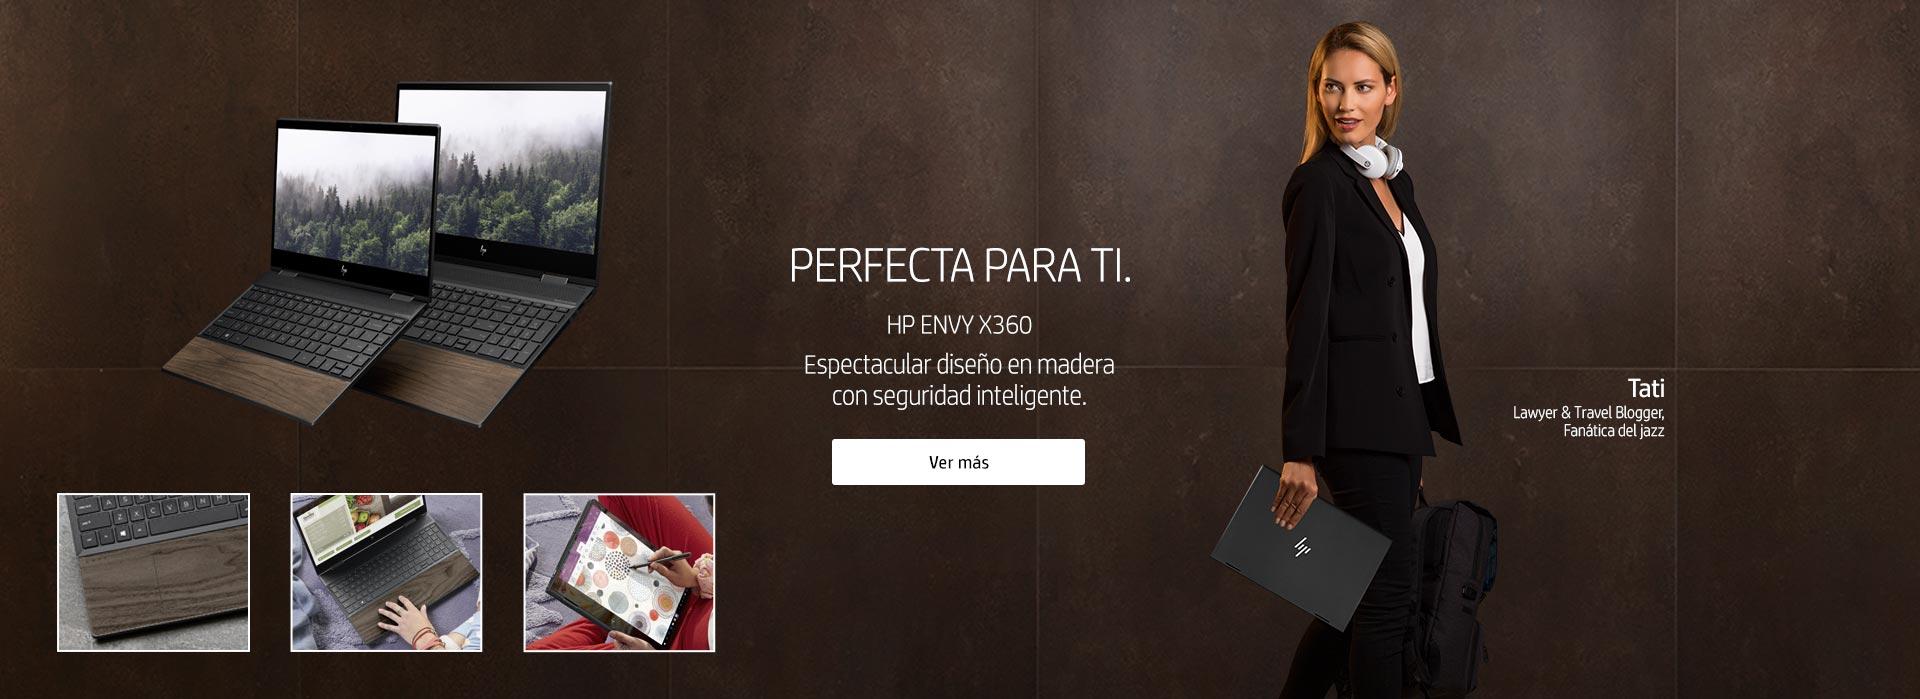 HP Envy x360 | Espectacular diseño en madera con seguridad inteligente